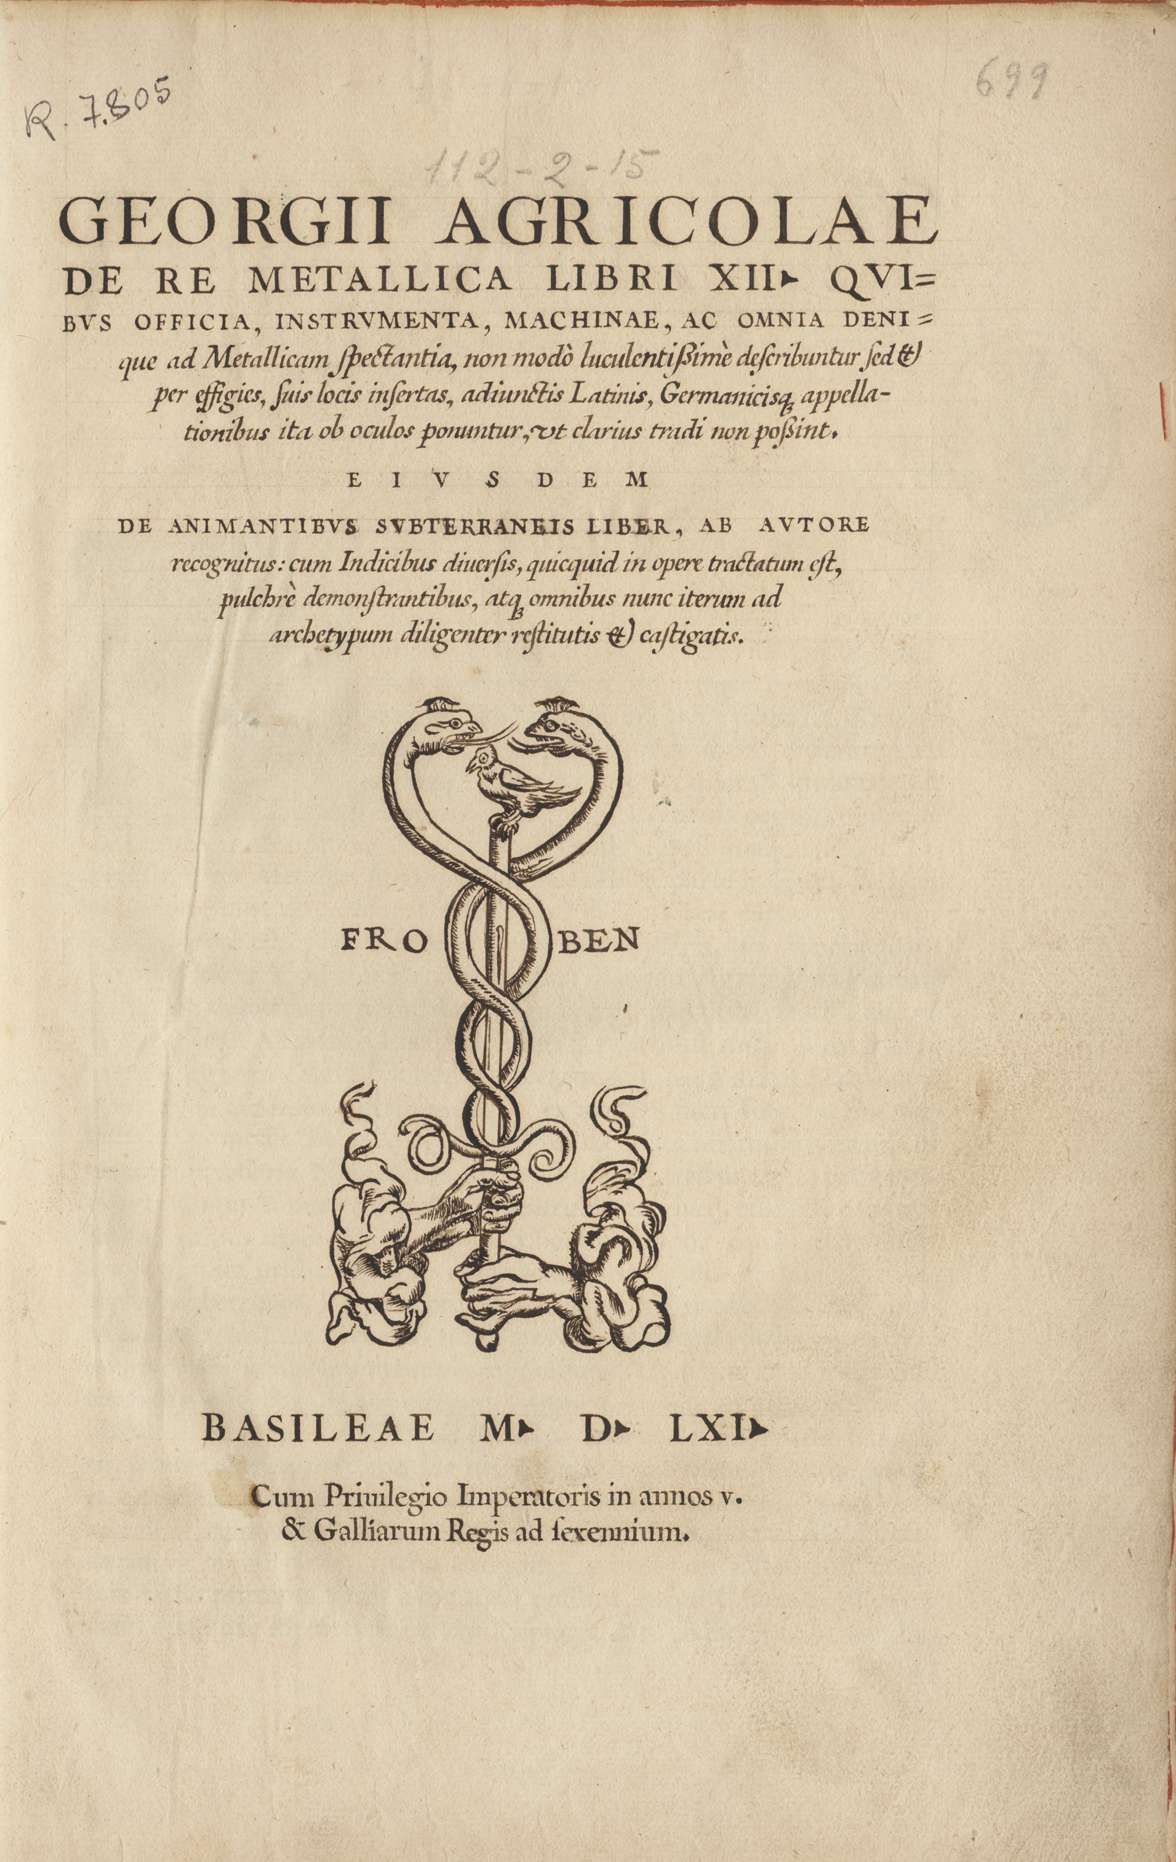 De re metallica libri XII, 1561